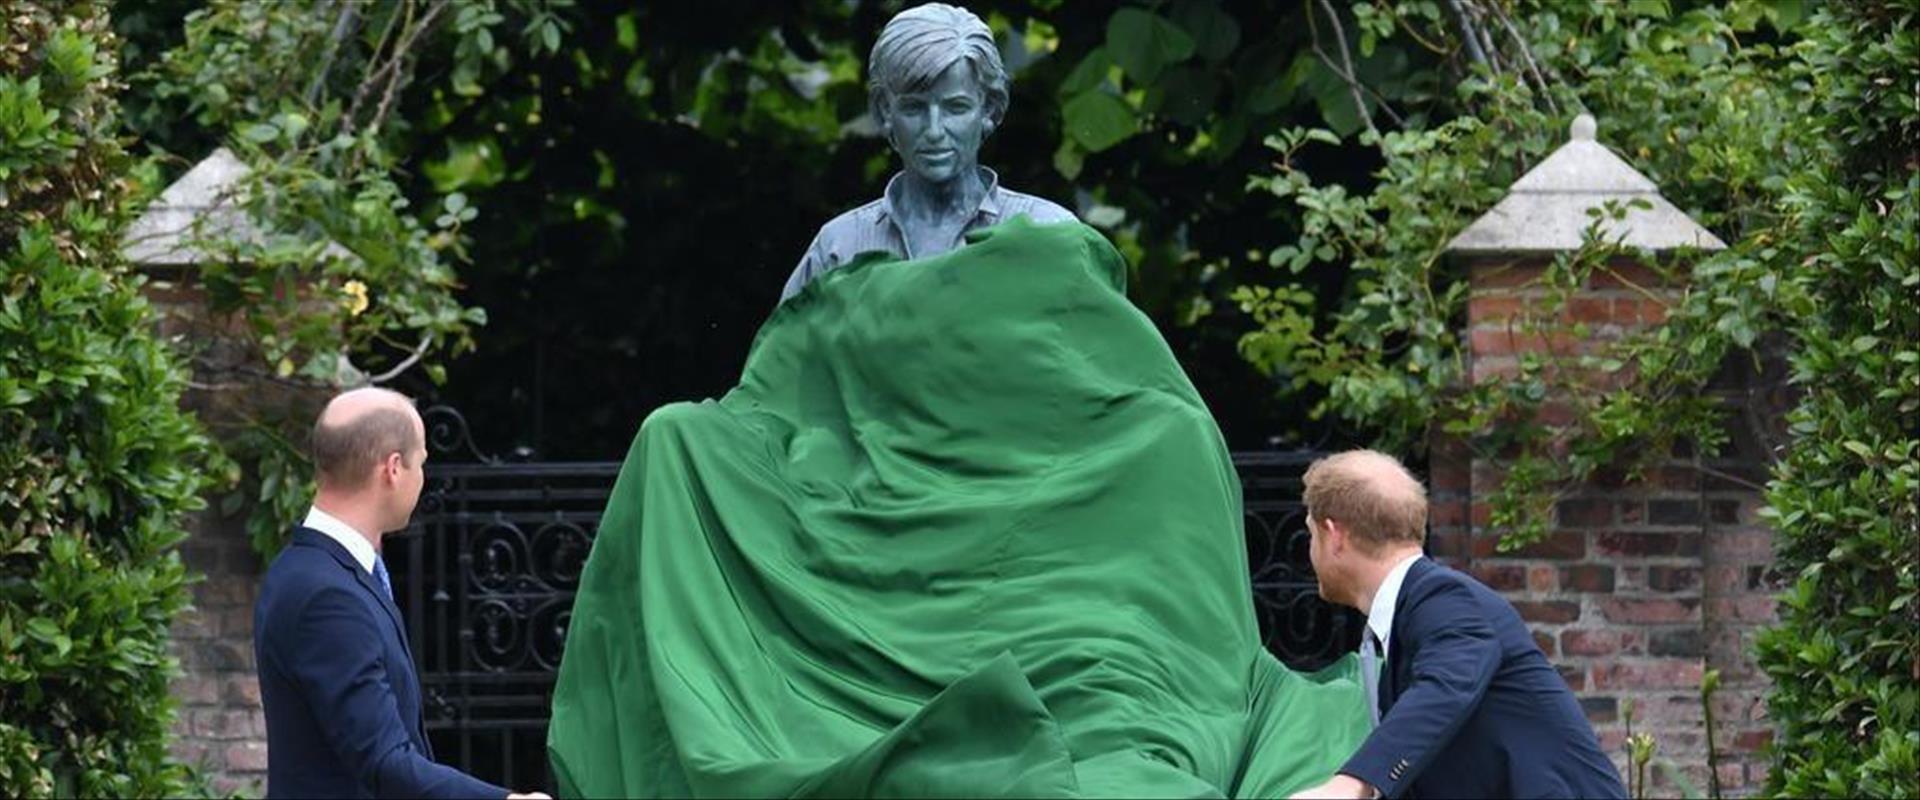 וויליאם והארי חושפים את הפסל לזכר הנסיכה דיאנה